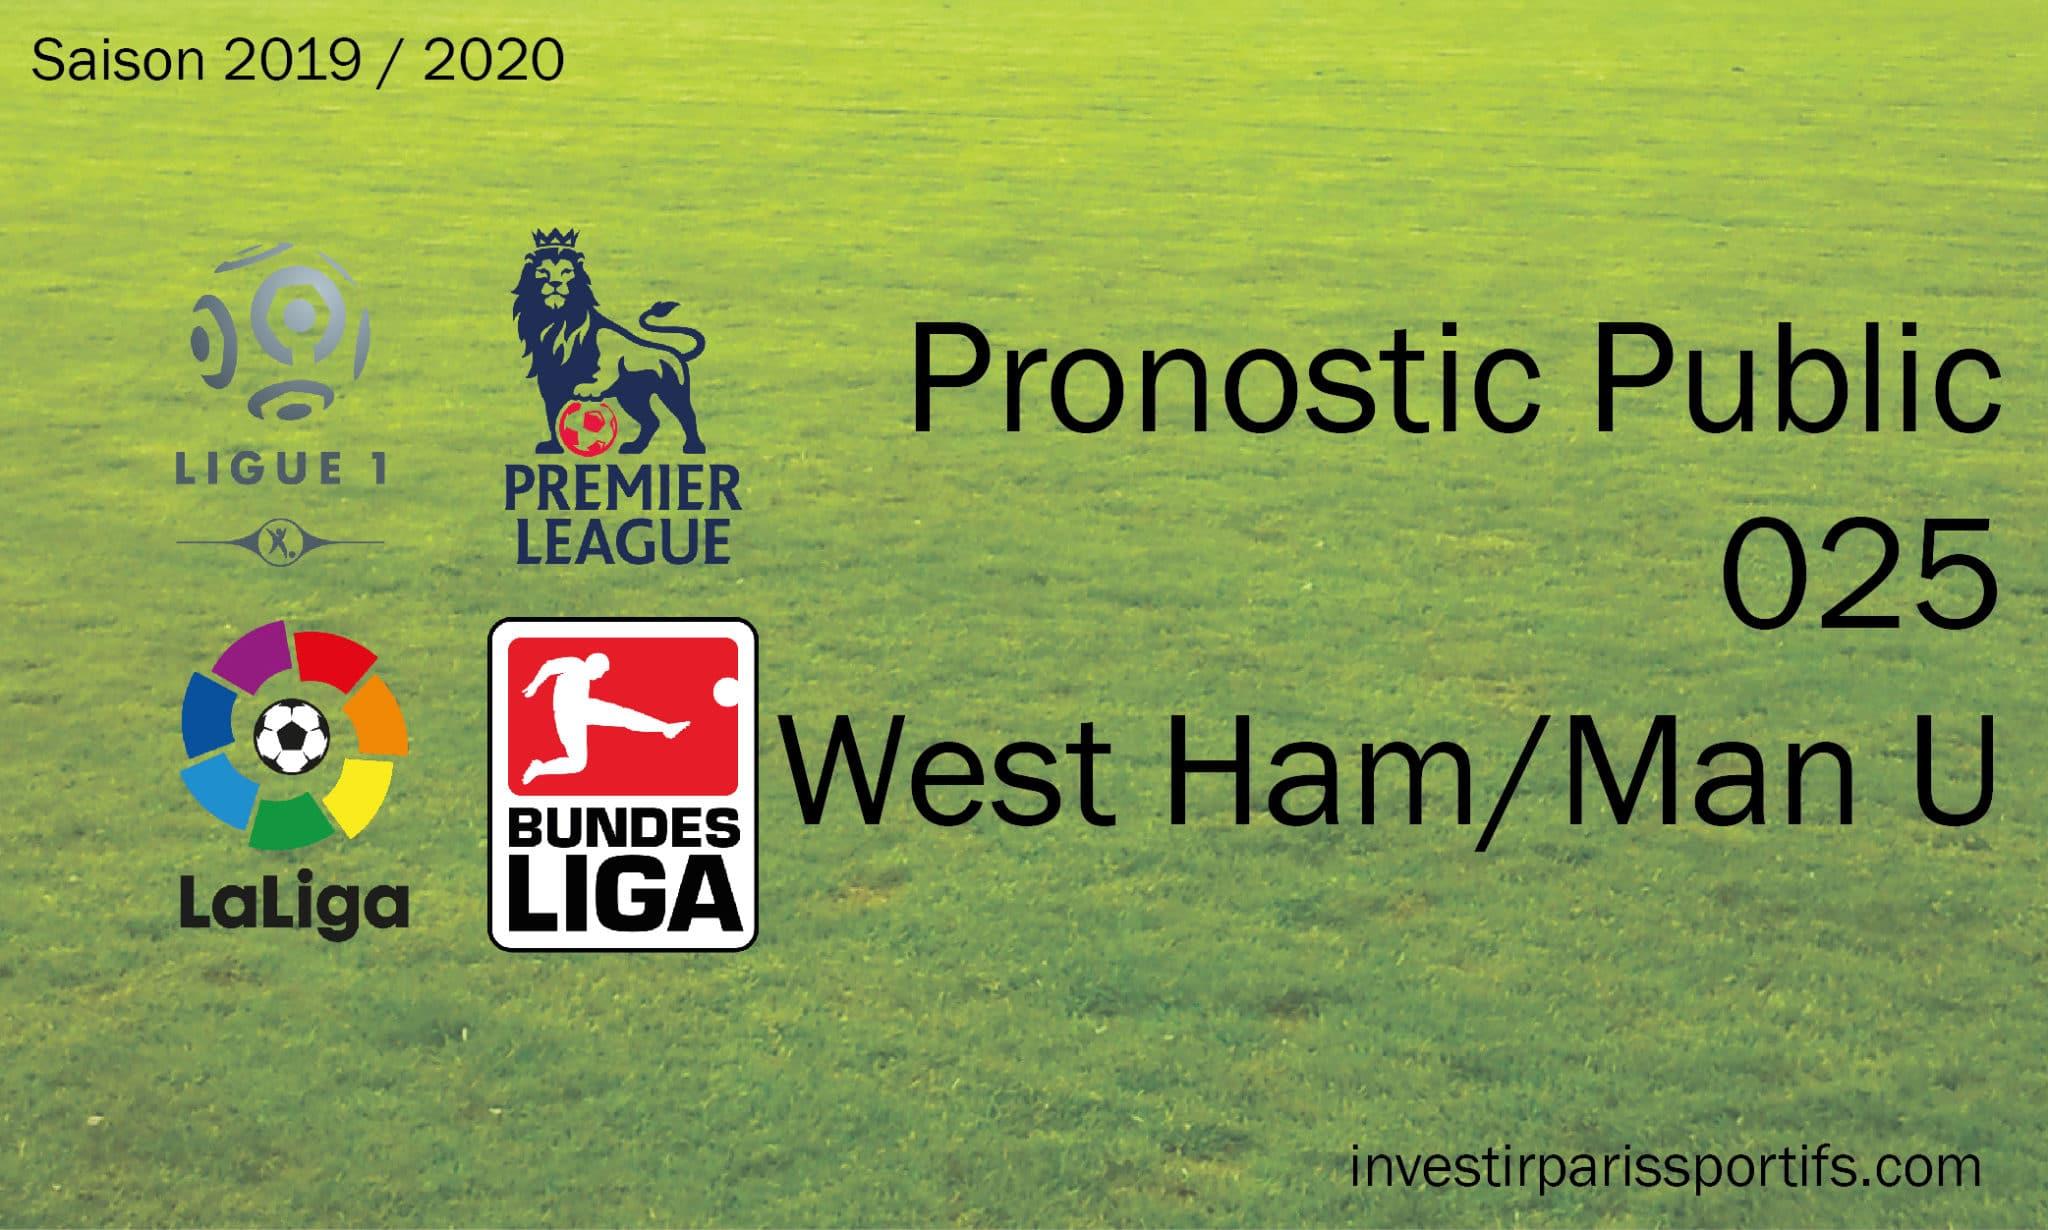 Pronostic West Ham Manchester United, Prono ligue 1, paris sportifs ligue 1, parisian